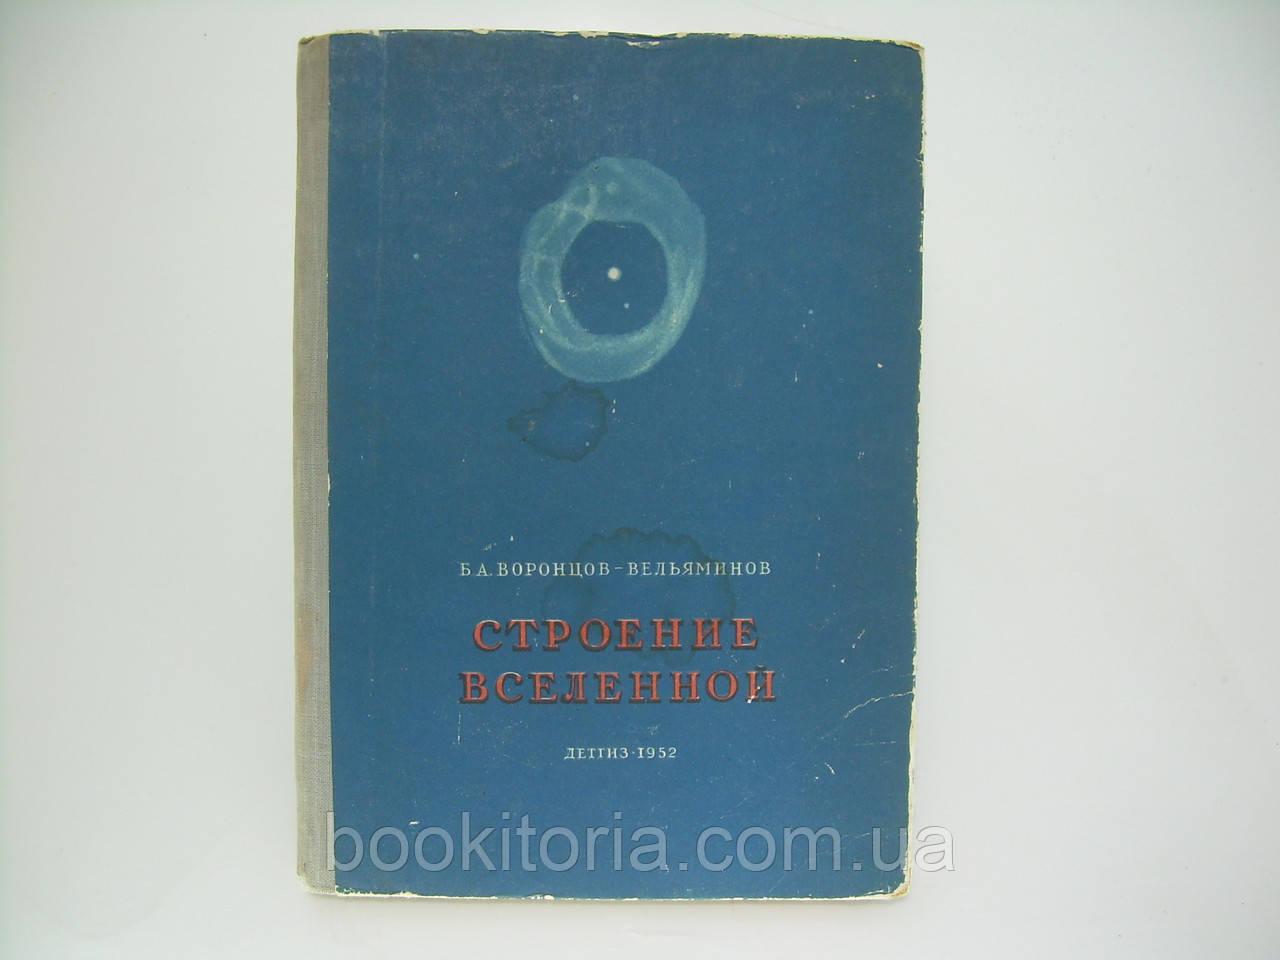 Воронцов-Вельяминов Б.А. Строение Вселенной (б/у).